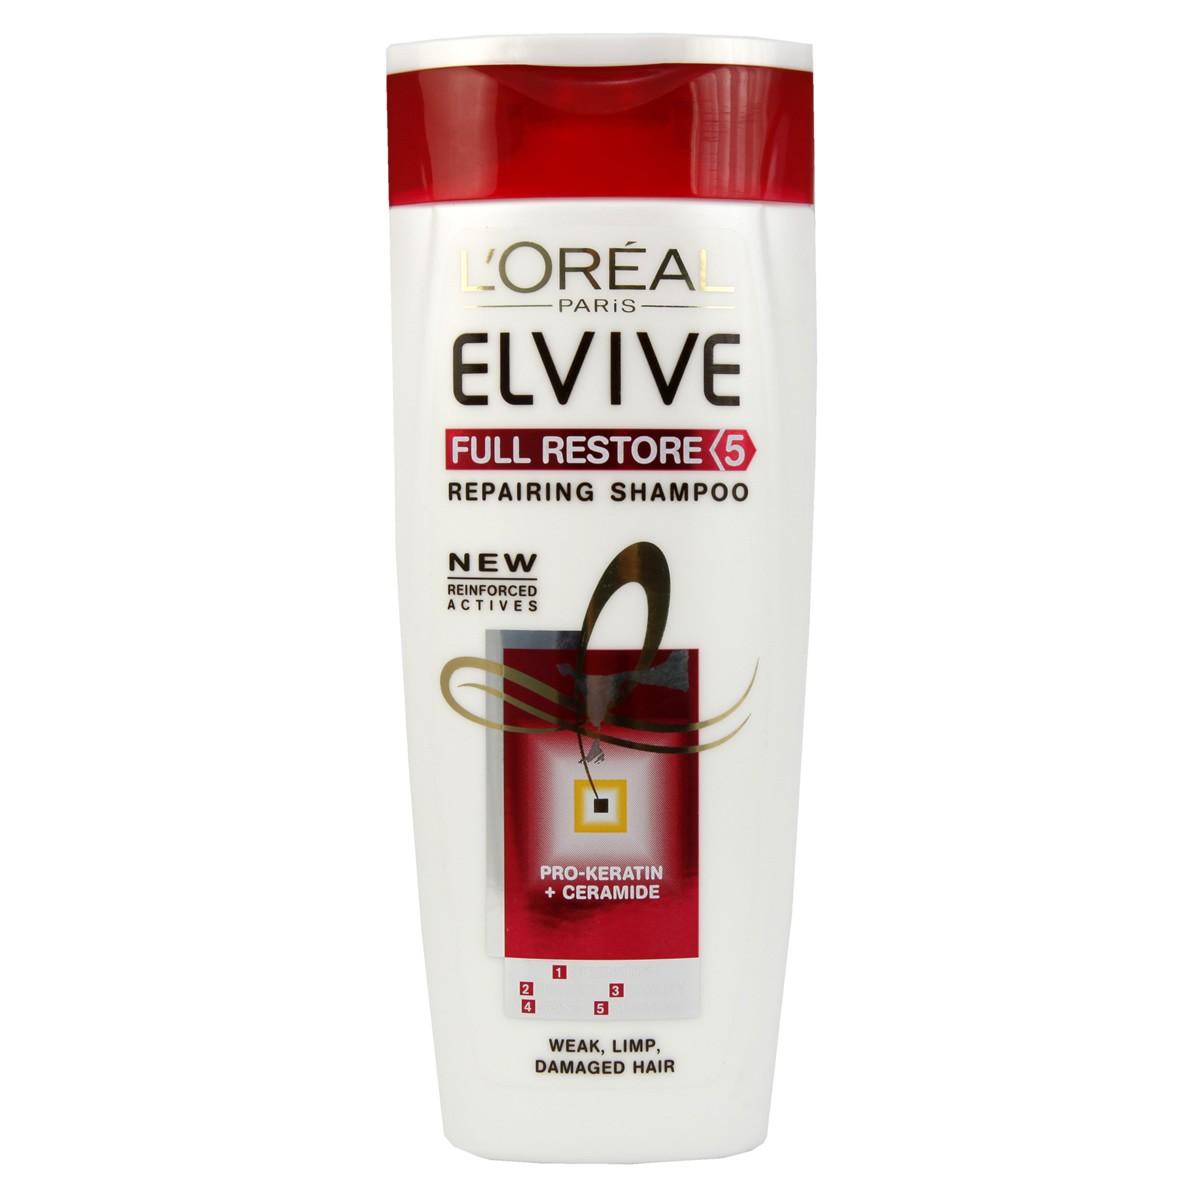 L'Oreal Paris Elvive Full Restore 5 Replenishing Shampoo